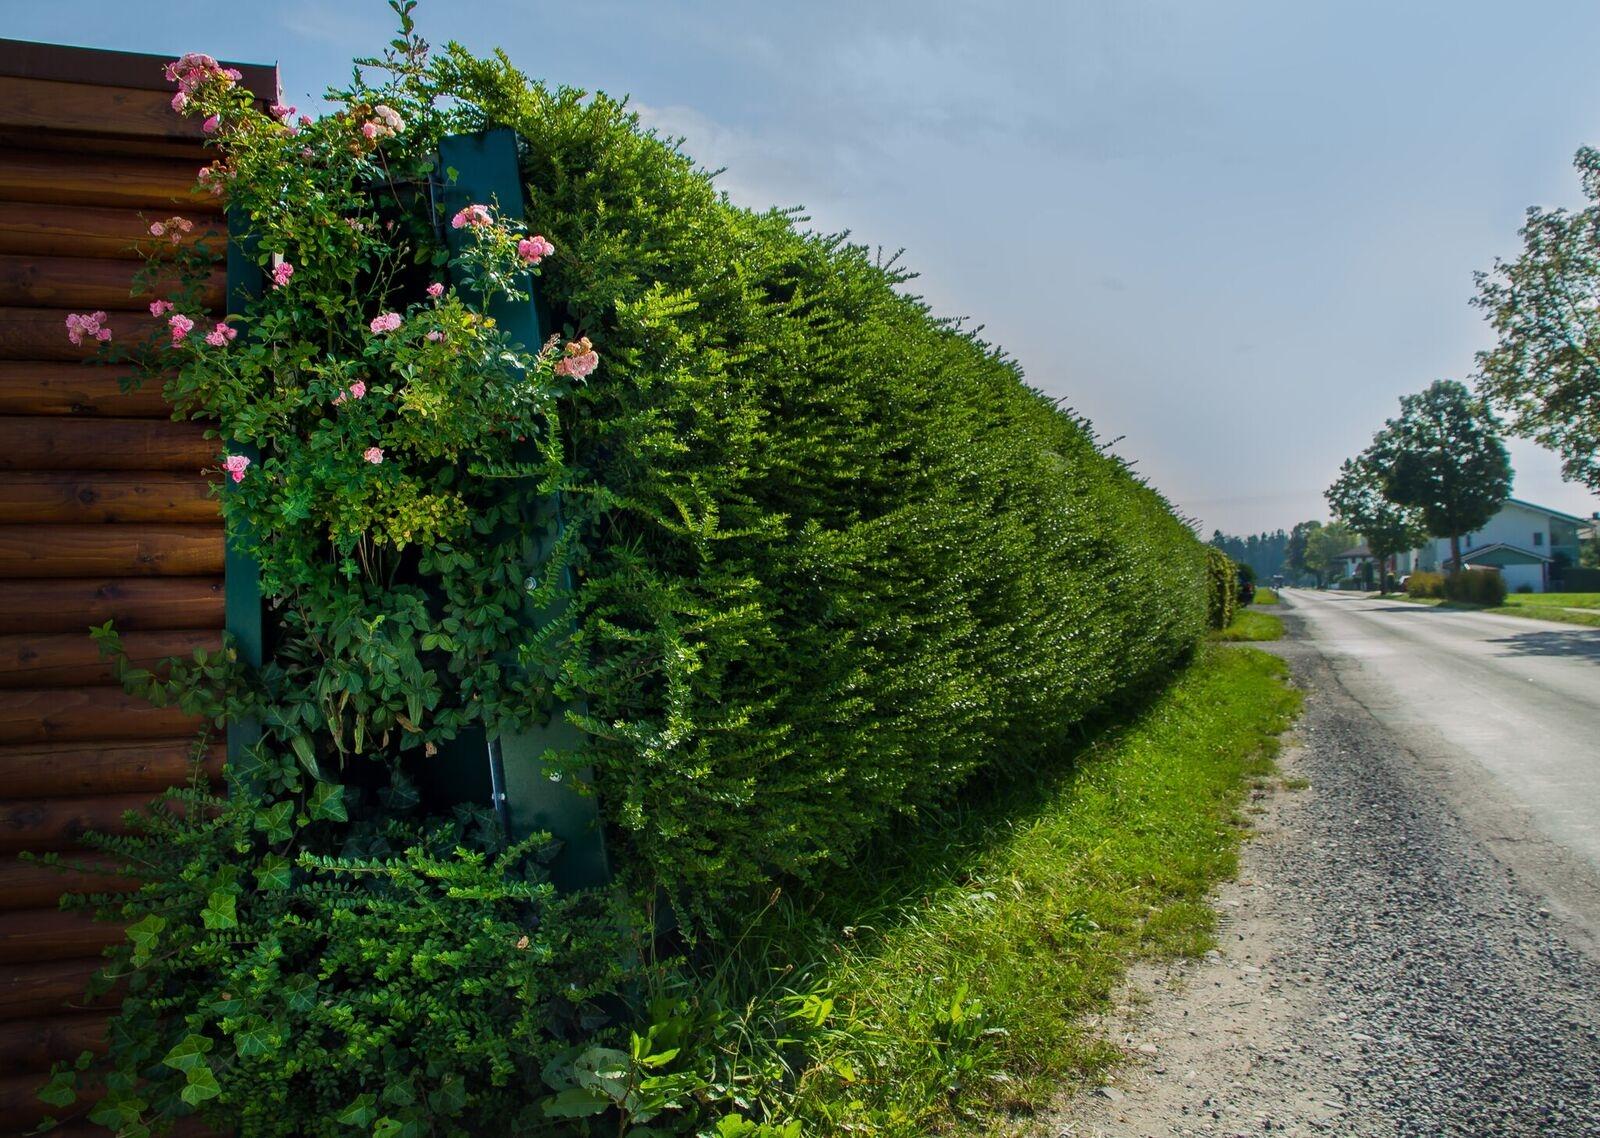 Eine Schallschutzwand an Straße schützt Garten und sorgt für mehr Ruhe